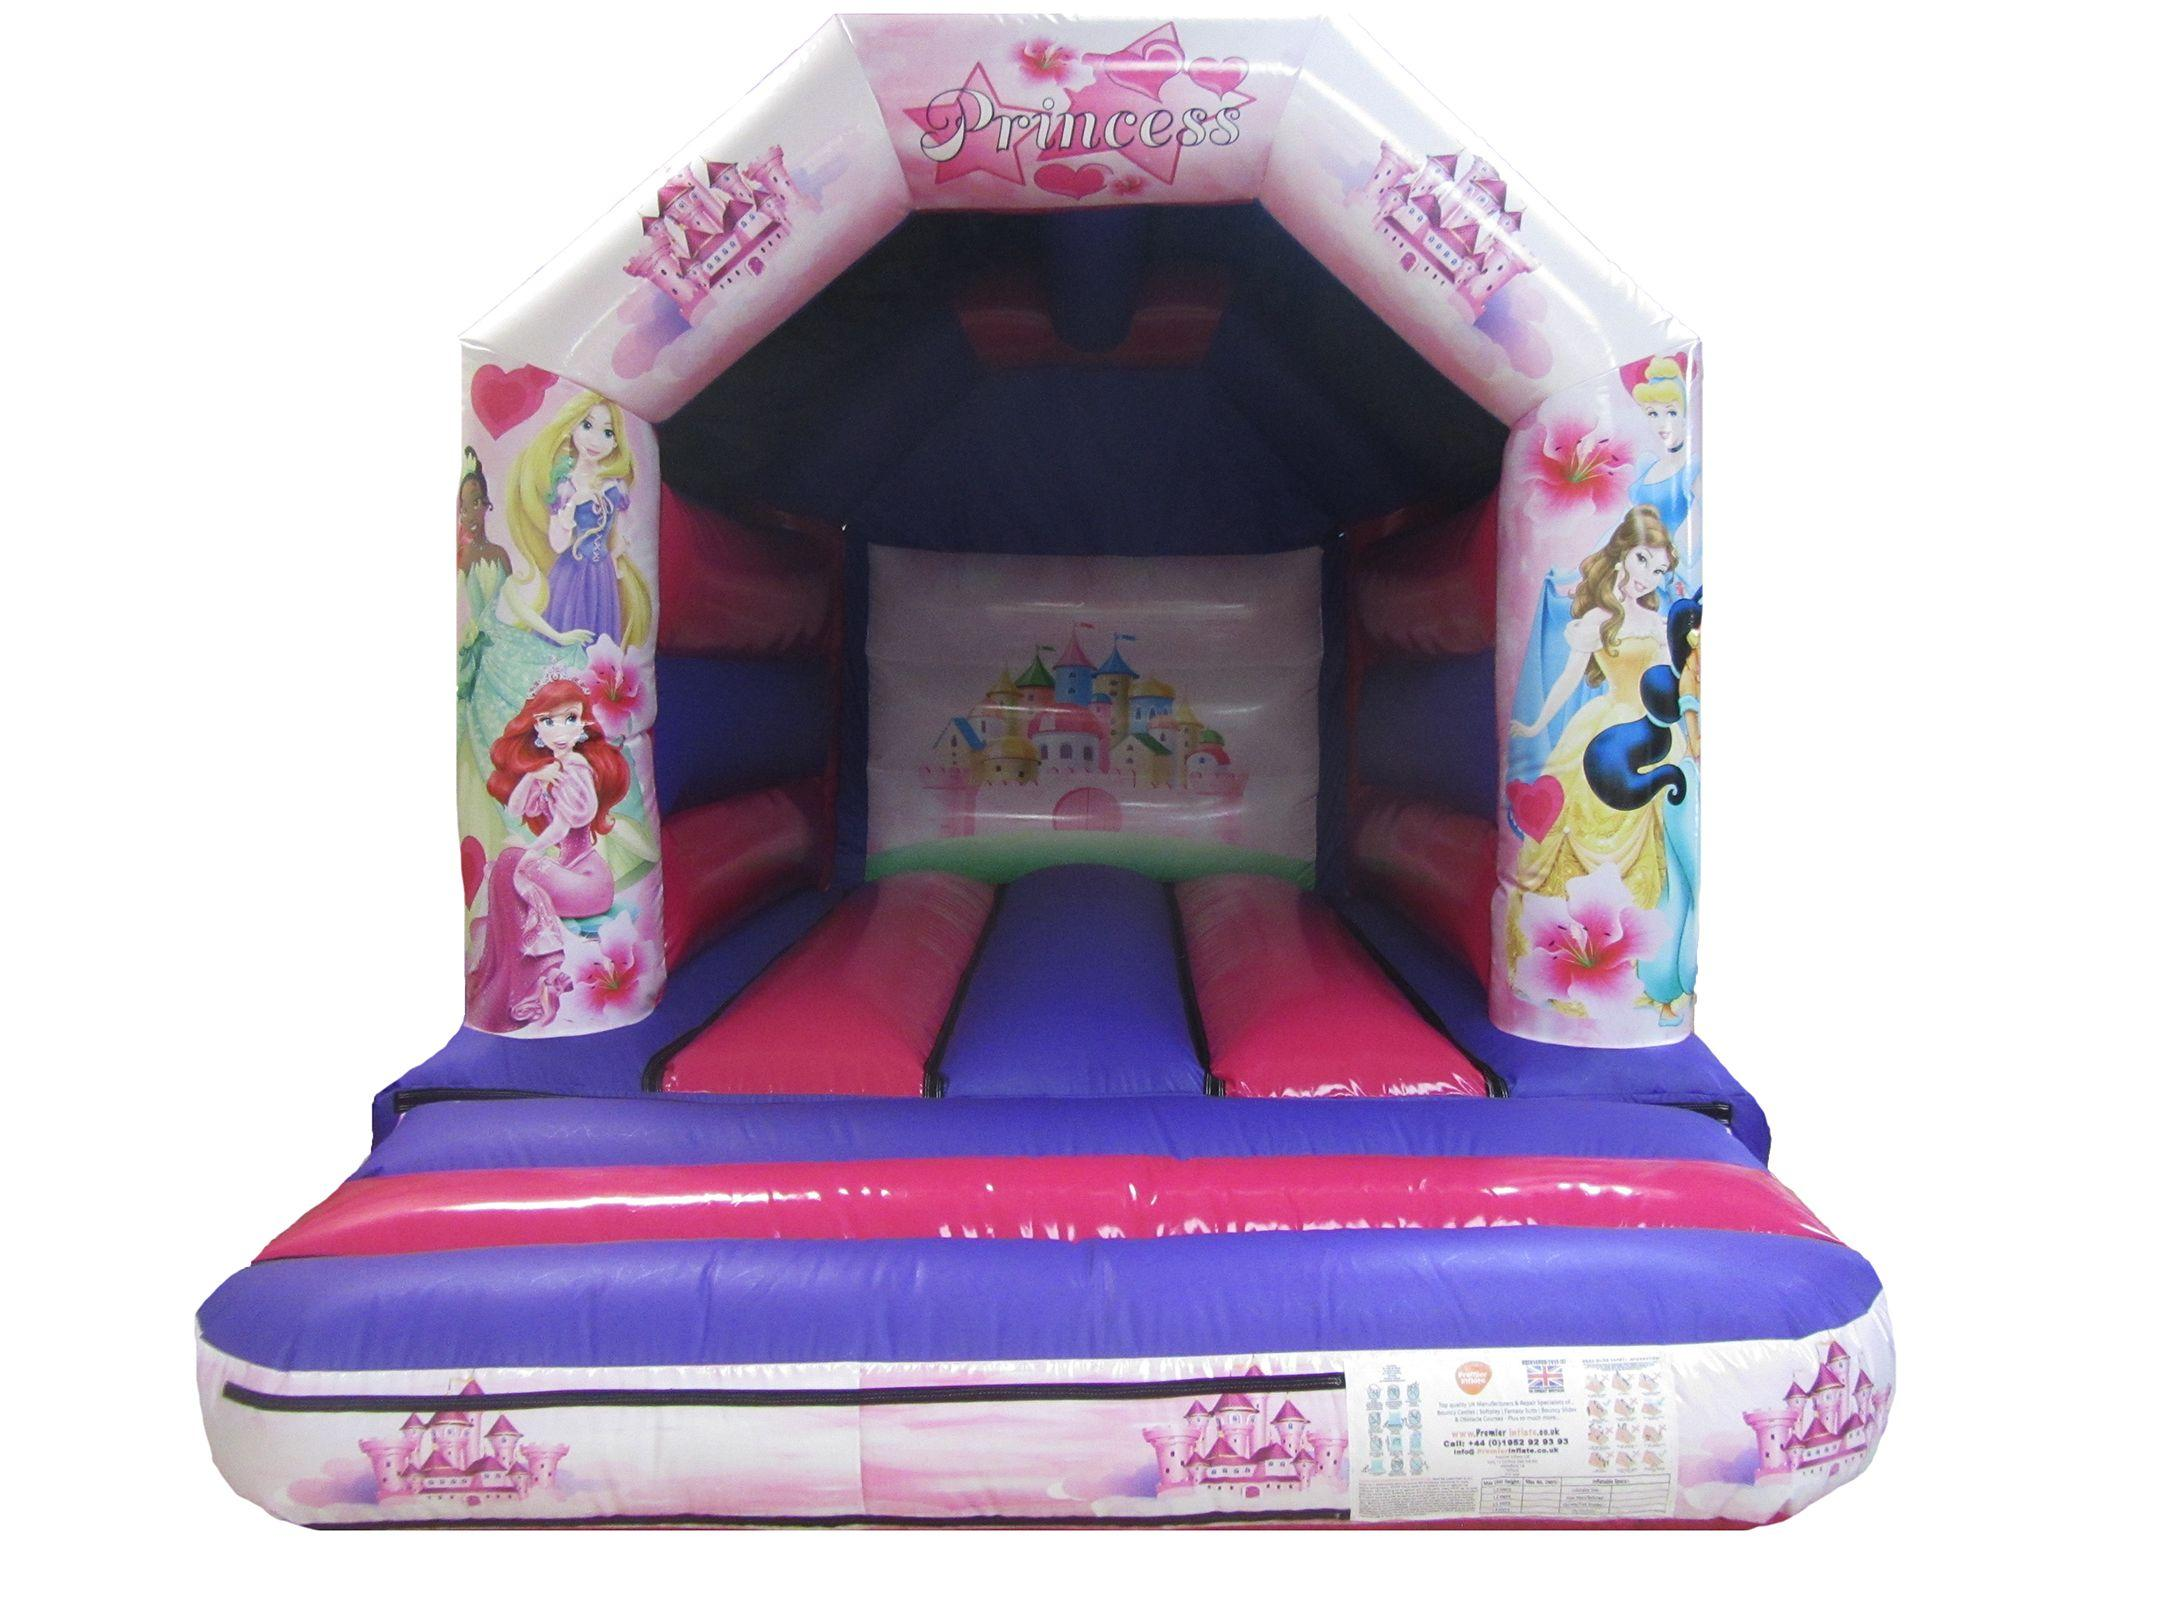 Princess Bouncy Castle for Sale